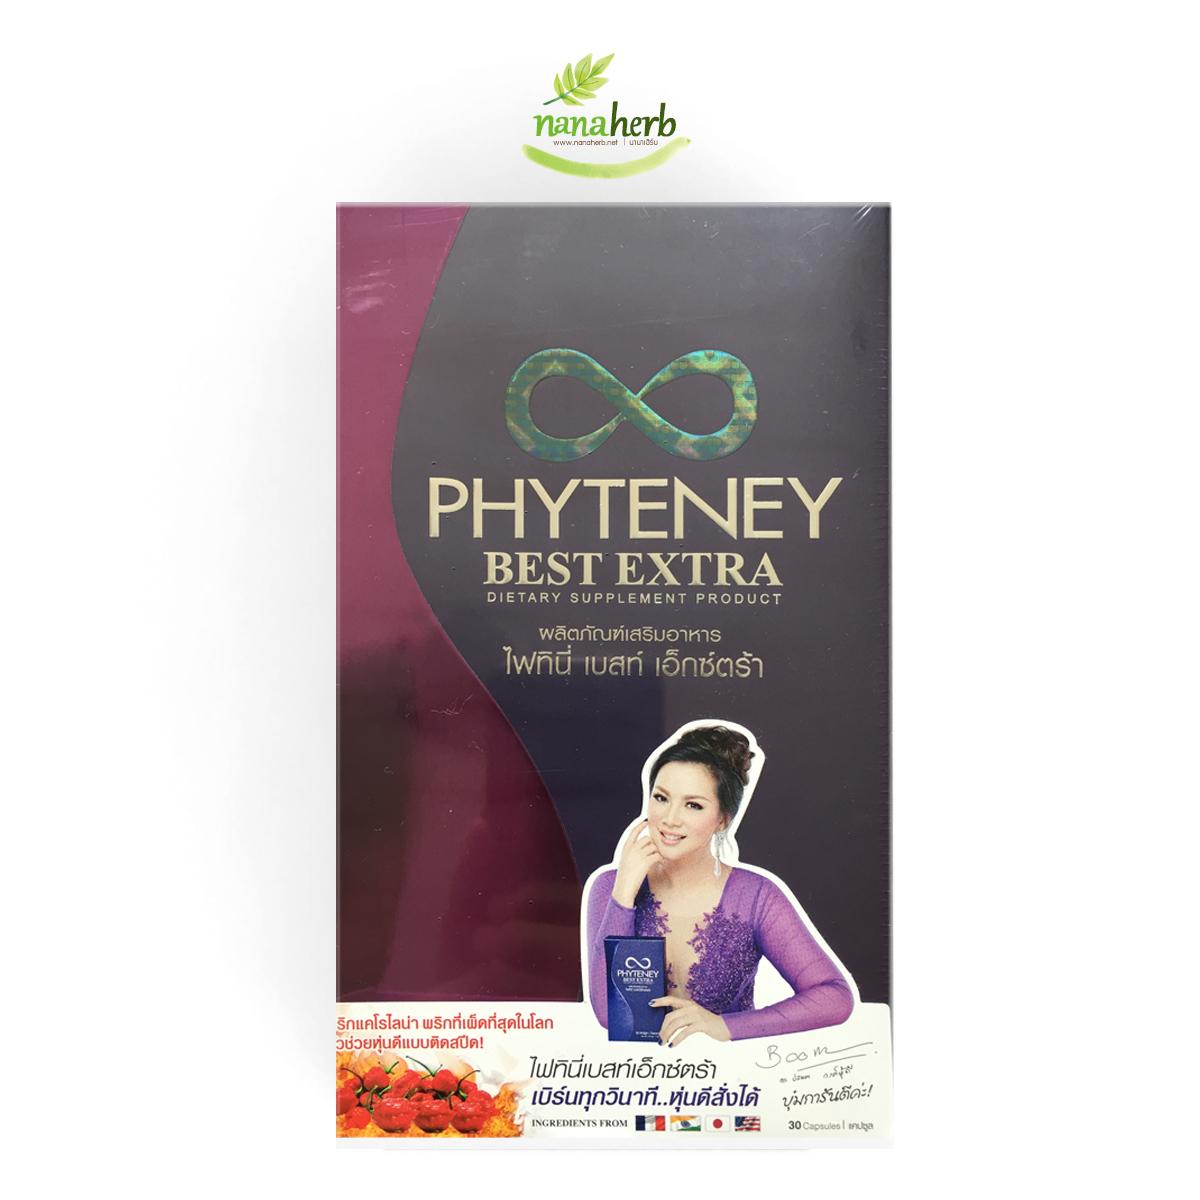 Phyteney (ไฟทินี่) อาหารเสริมลดน้ำหนัก บุ๋ม ปนัดดา